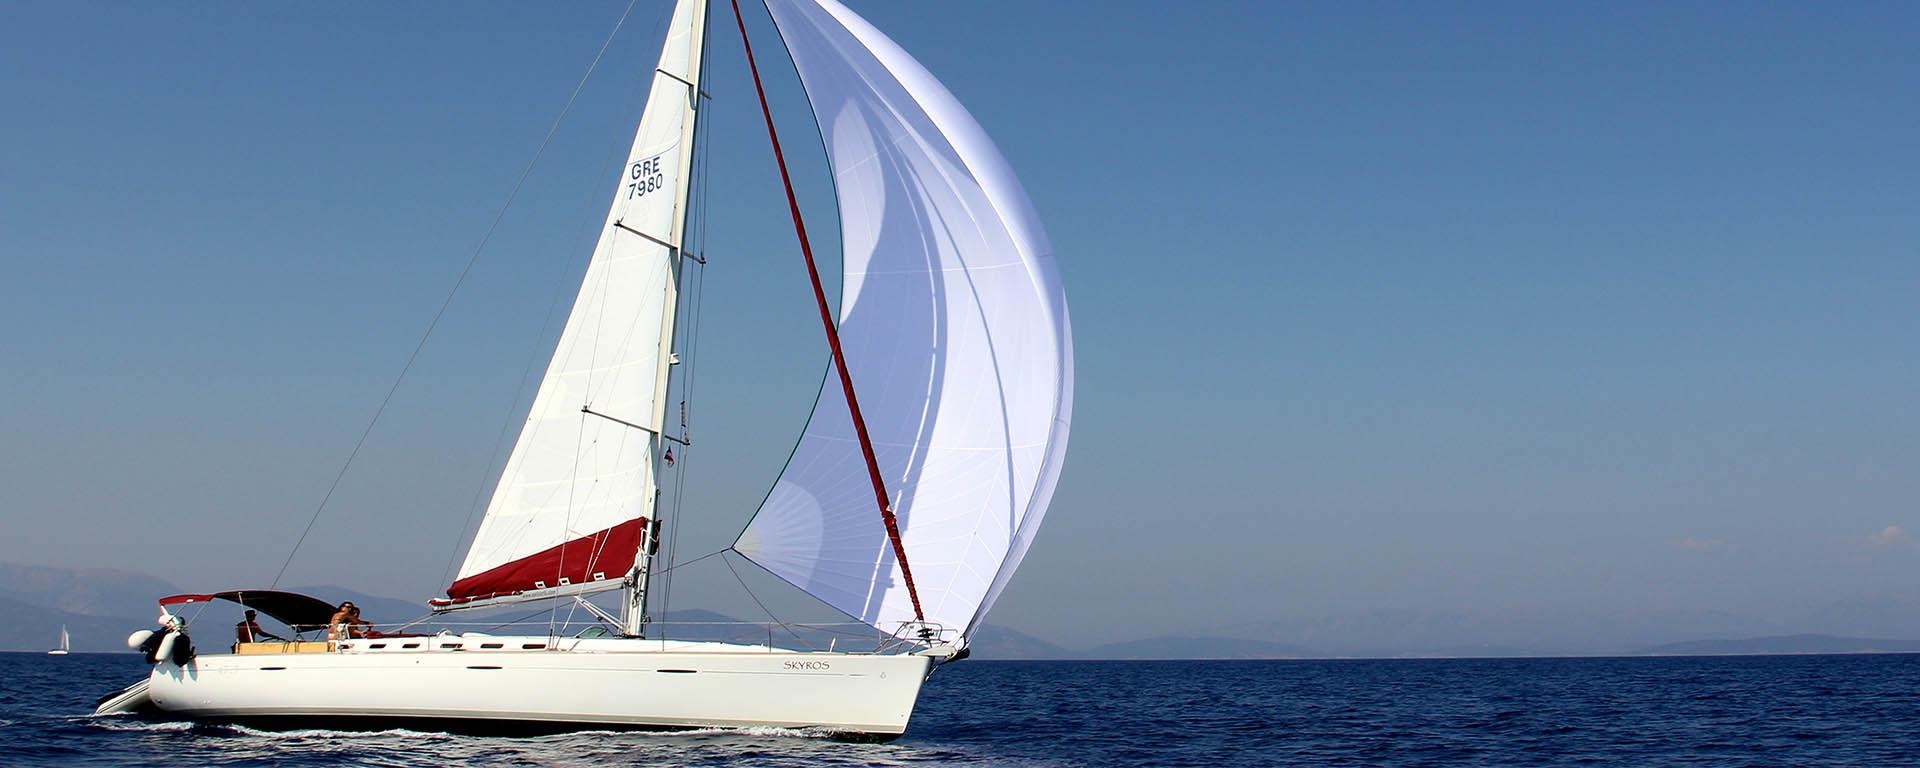 sail corfu yacht charter